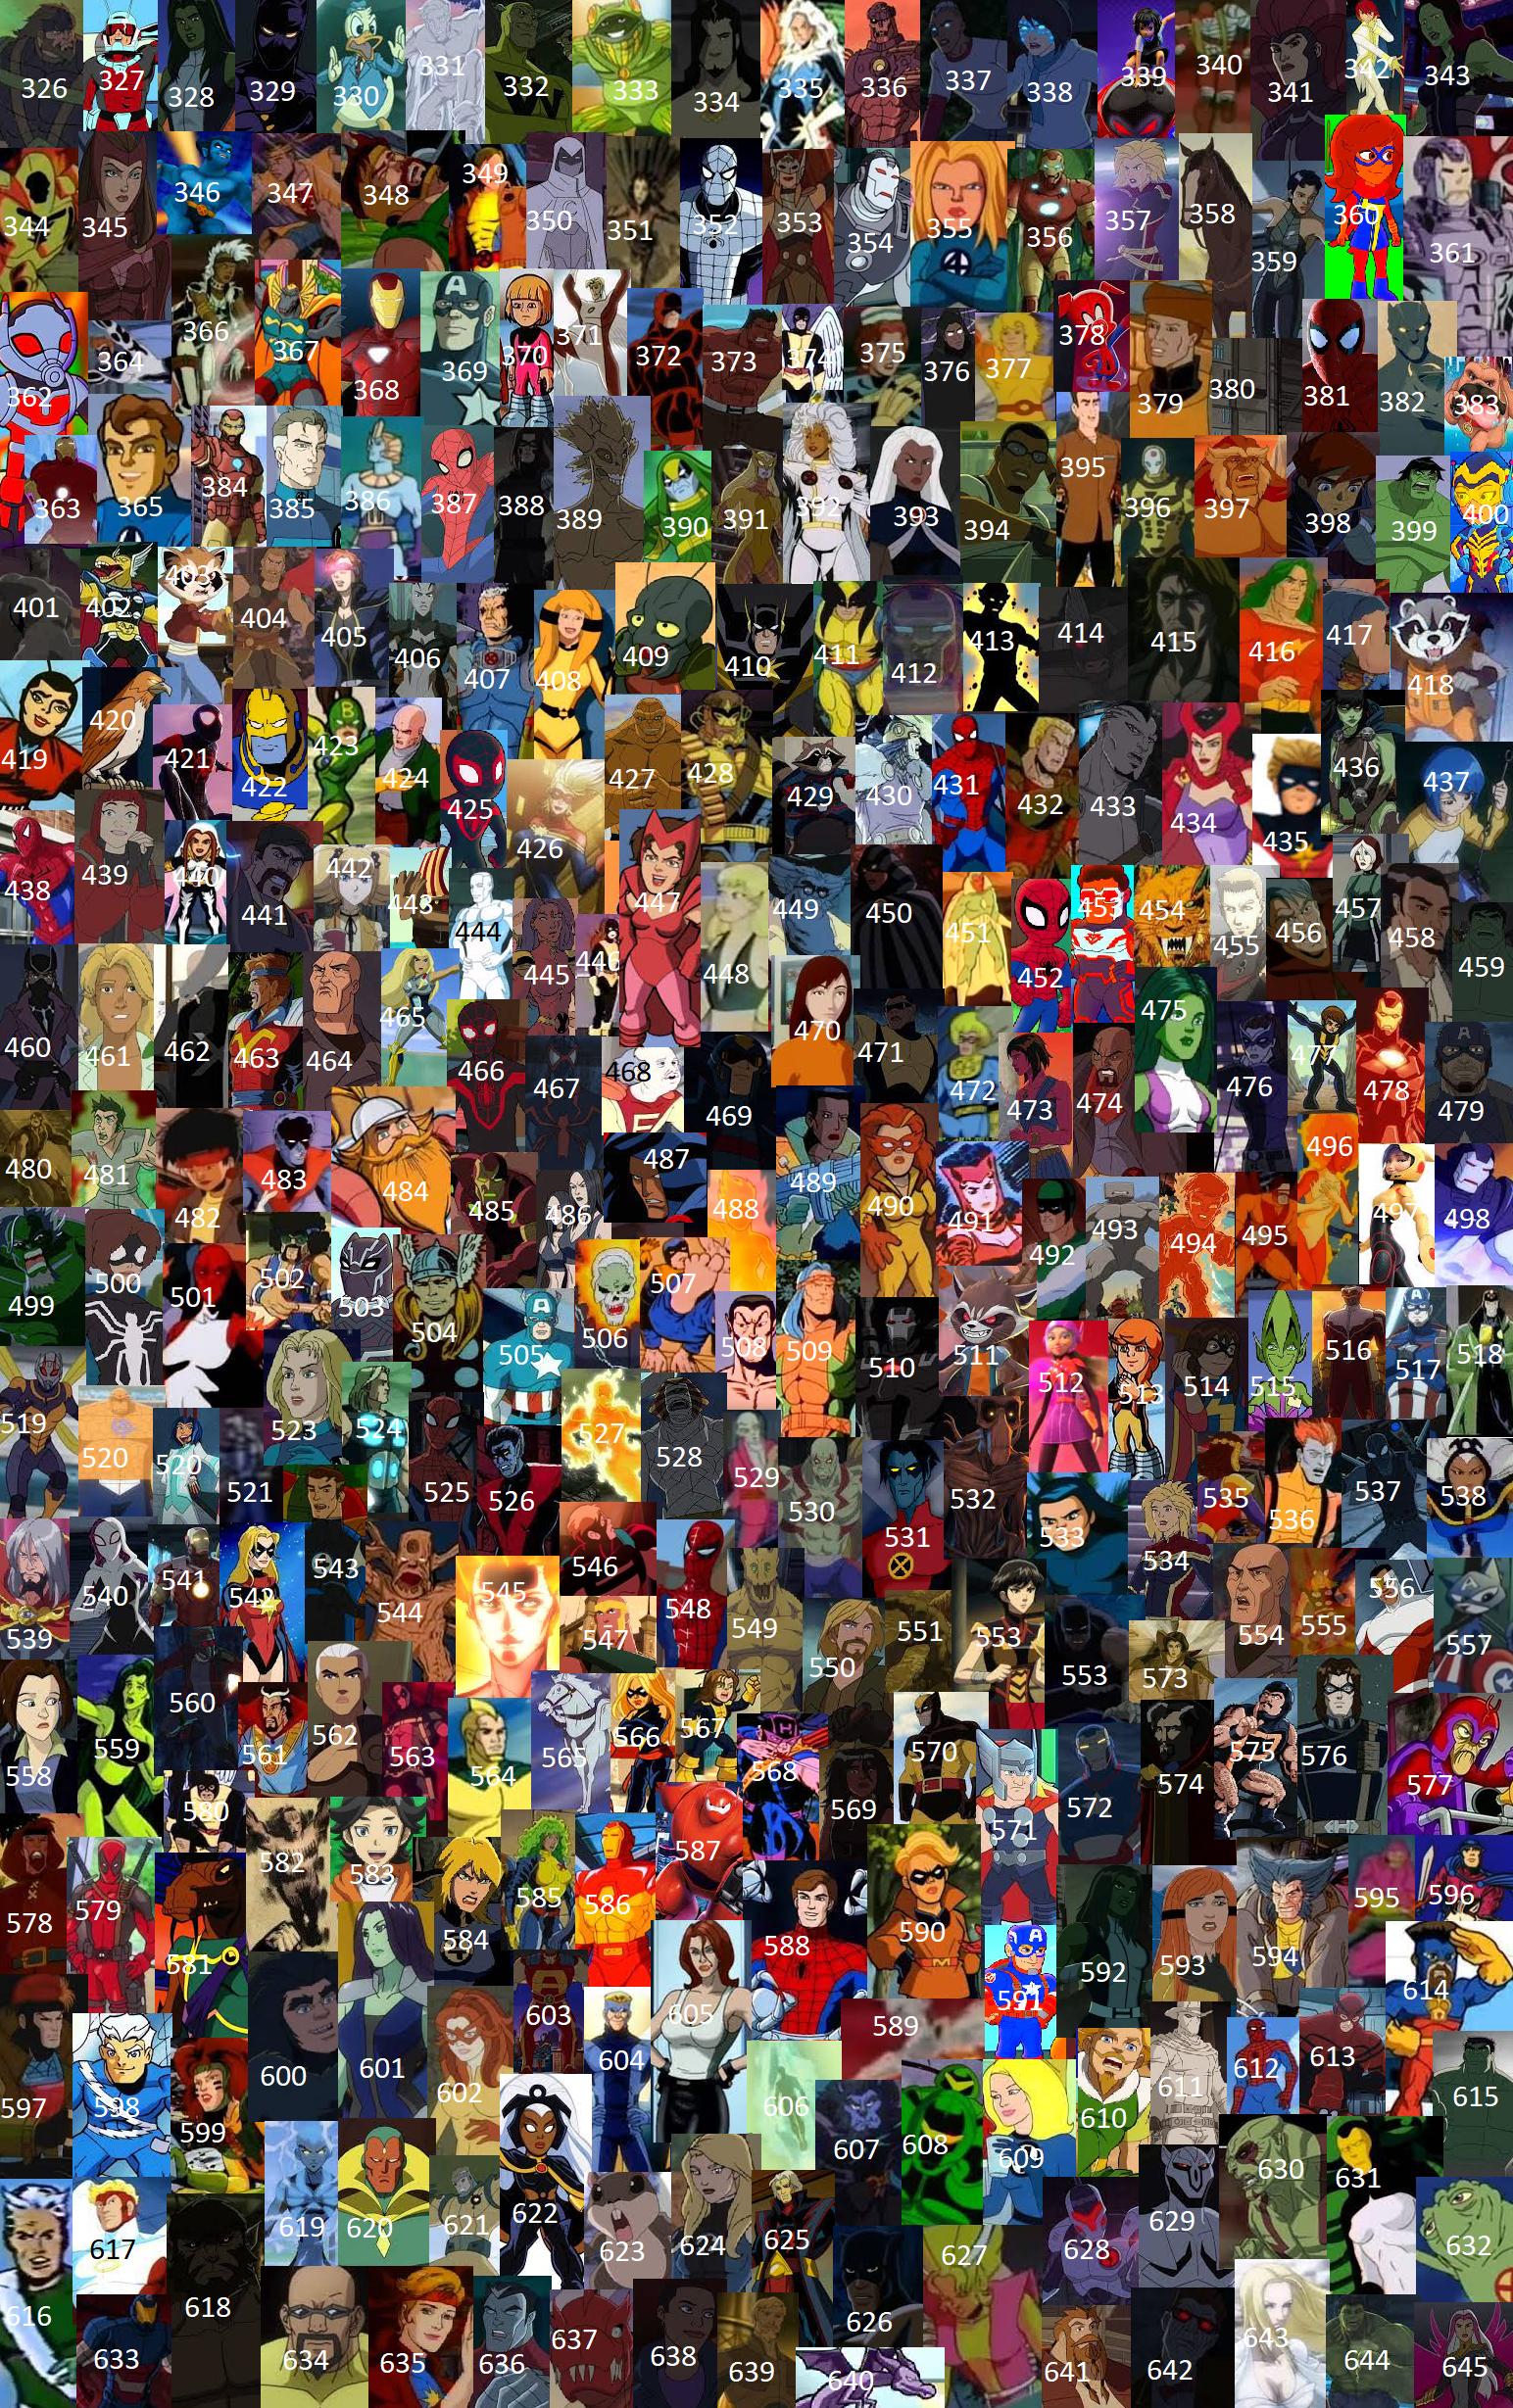 https://comicvine.gamespot.com/a/uploads/original/11143/111437680/8064137-marvelanimatedsuperheroes22.png